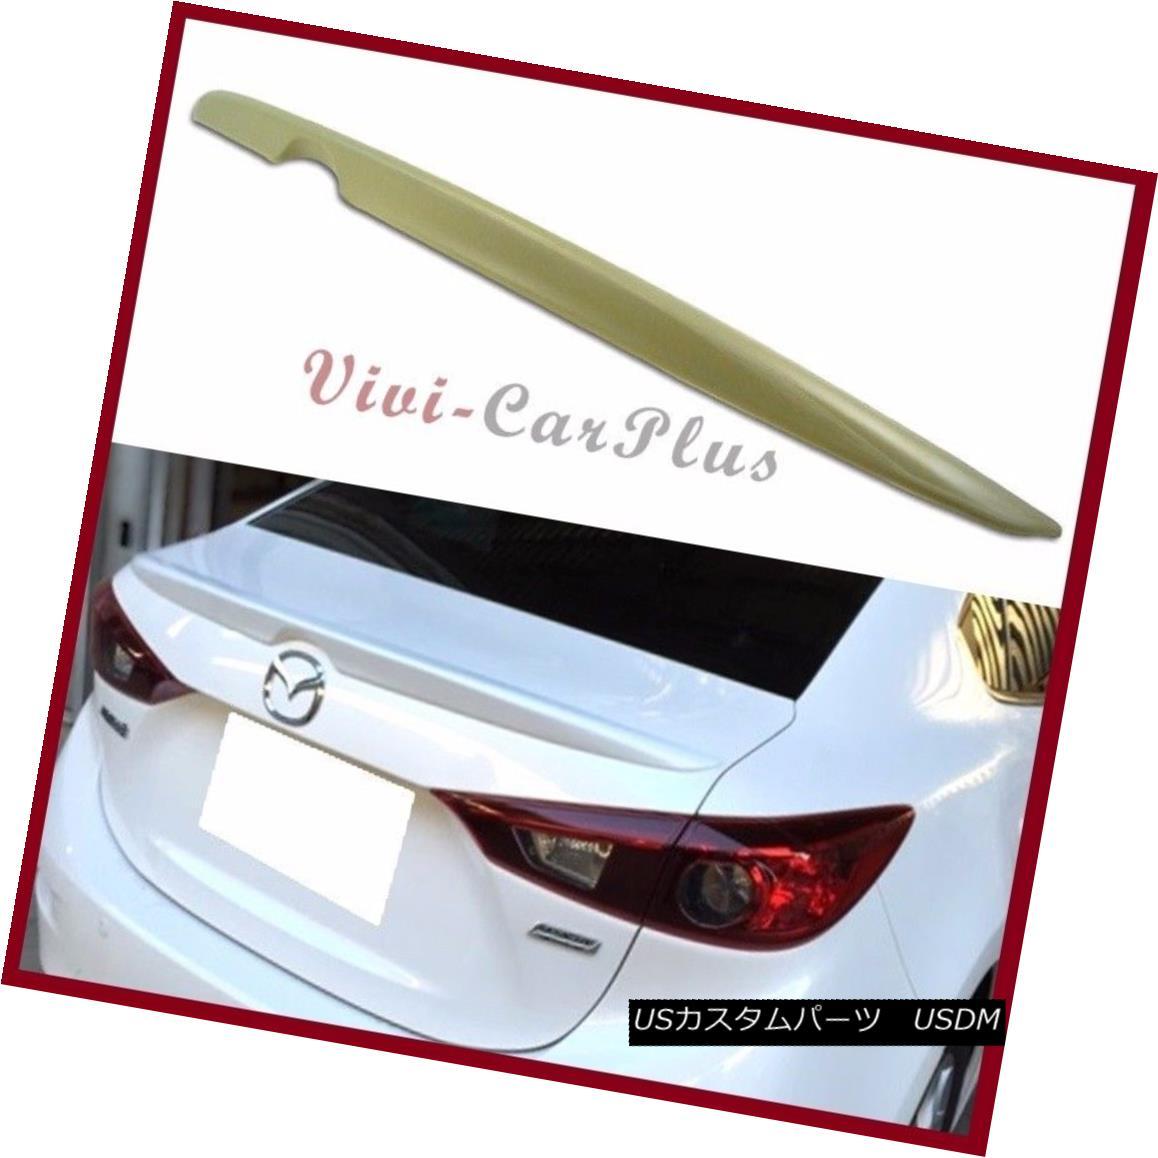 エアロパーツ UNPAINTED 2014-2016 MAZDA 3 3RD Sedan 4DR OE Type Trunk Spoiler Add On Lip Wing UNPAINTED 2014-2016 MAZDA 3 3RDセダン4DR OEタイプトランク・スポイラーAdd On Lip Wing